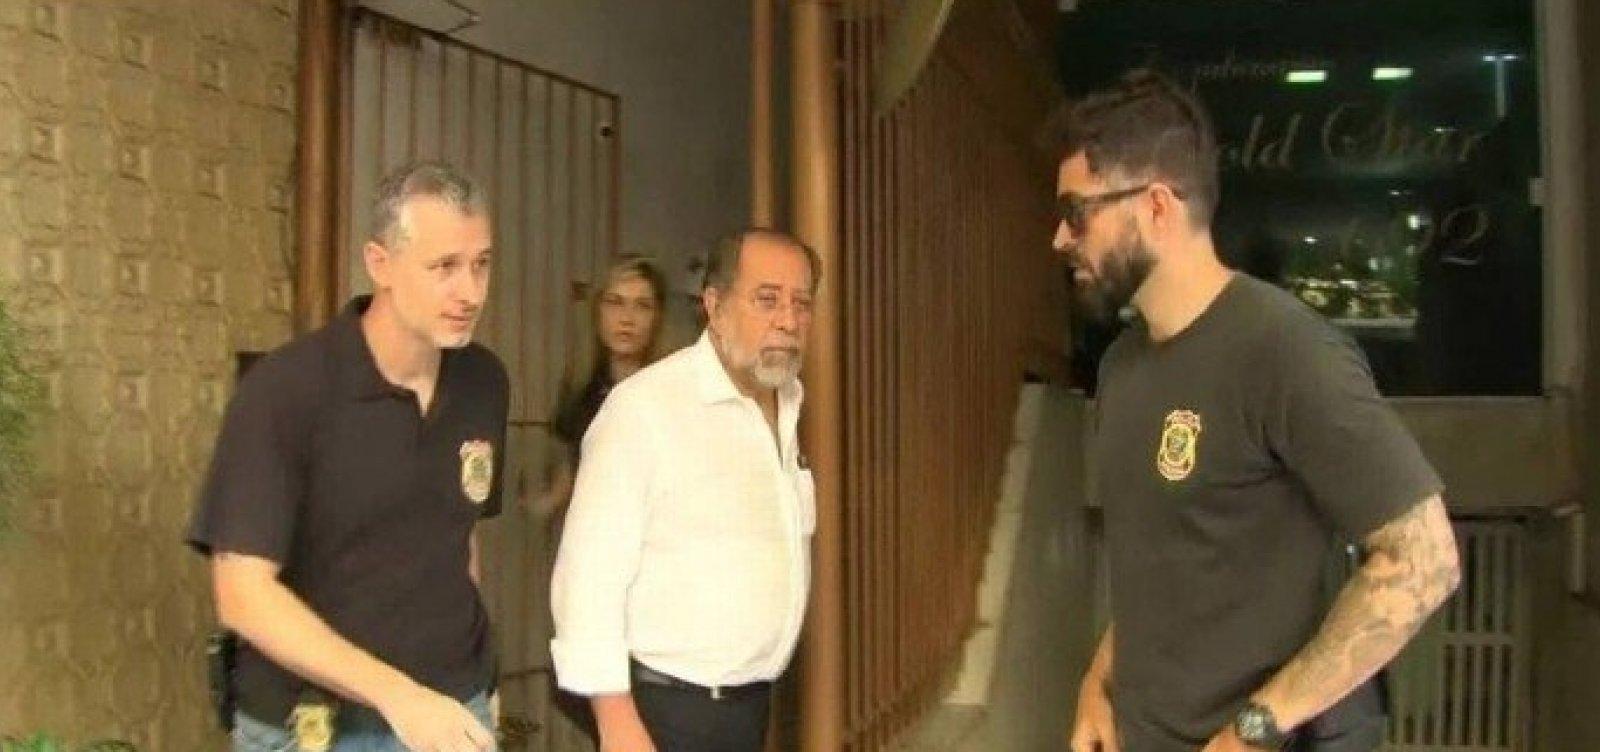 [Juiz aponta ação 'estruturada e ordenada' de quadrilha no porto de Santos]